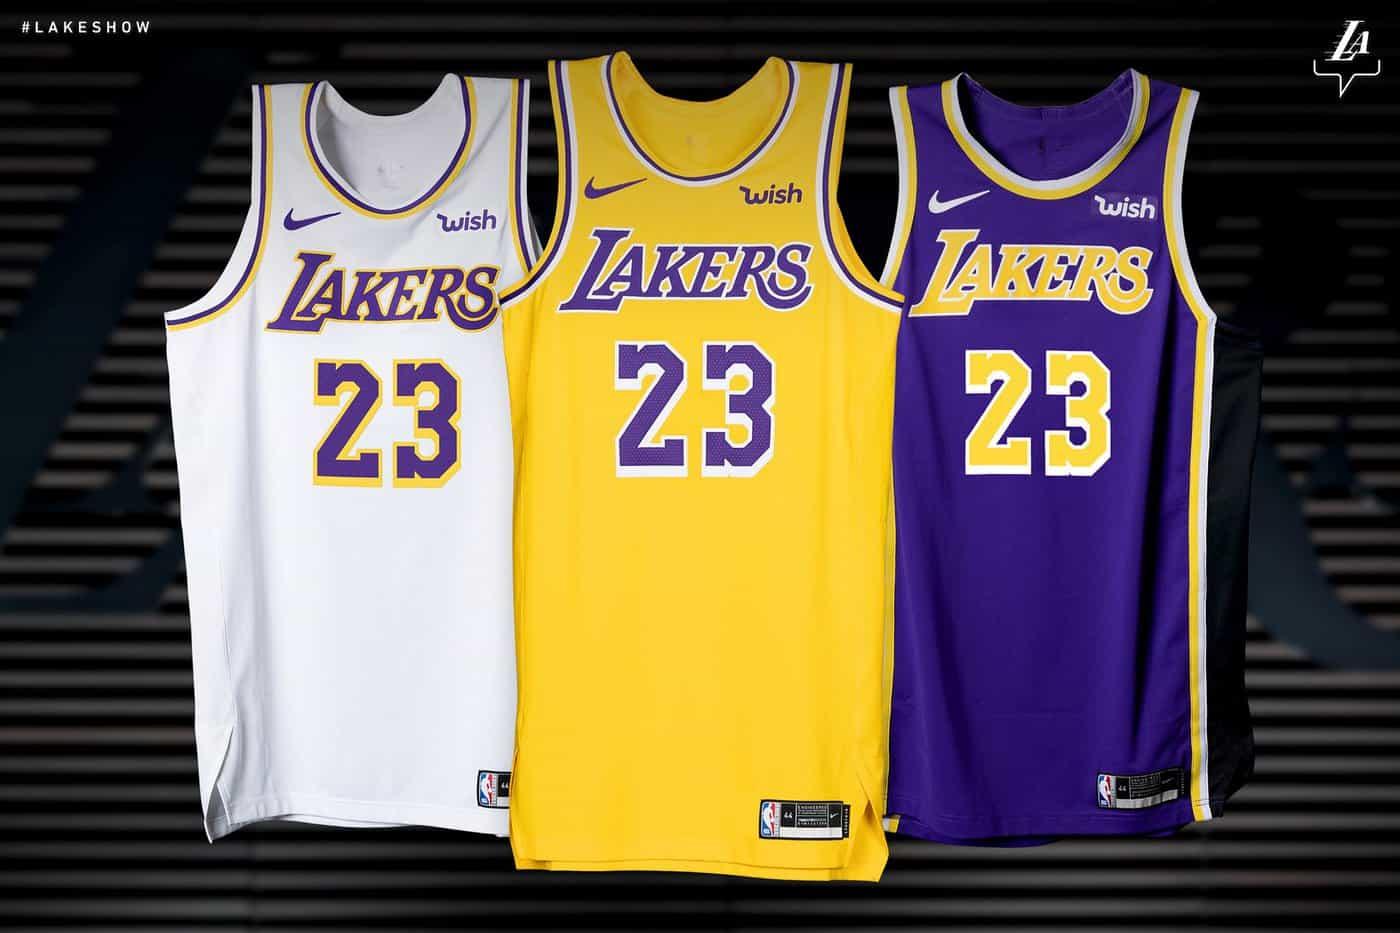 Officiel : voici les nouveaux maillots des Los Angeles Lakers